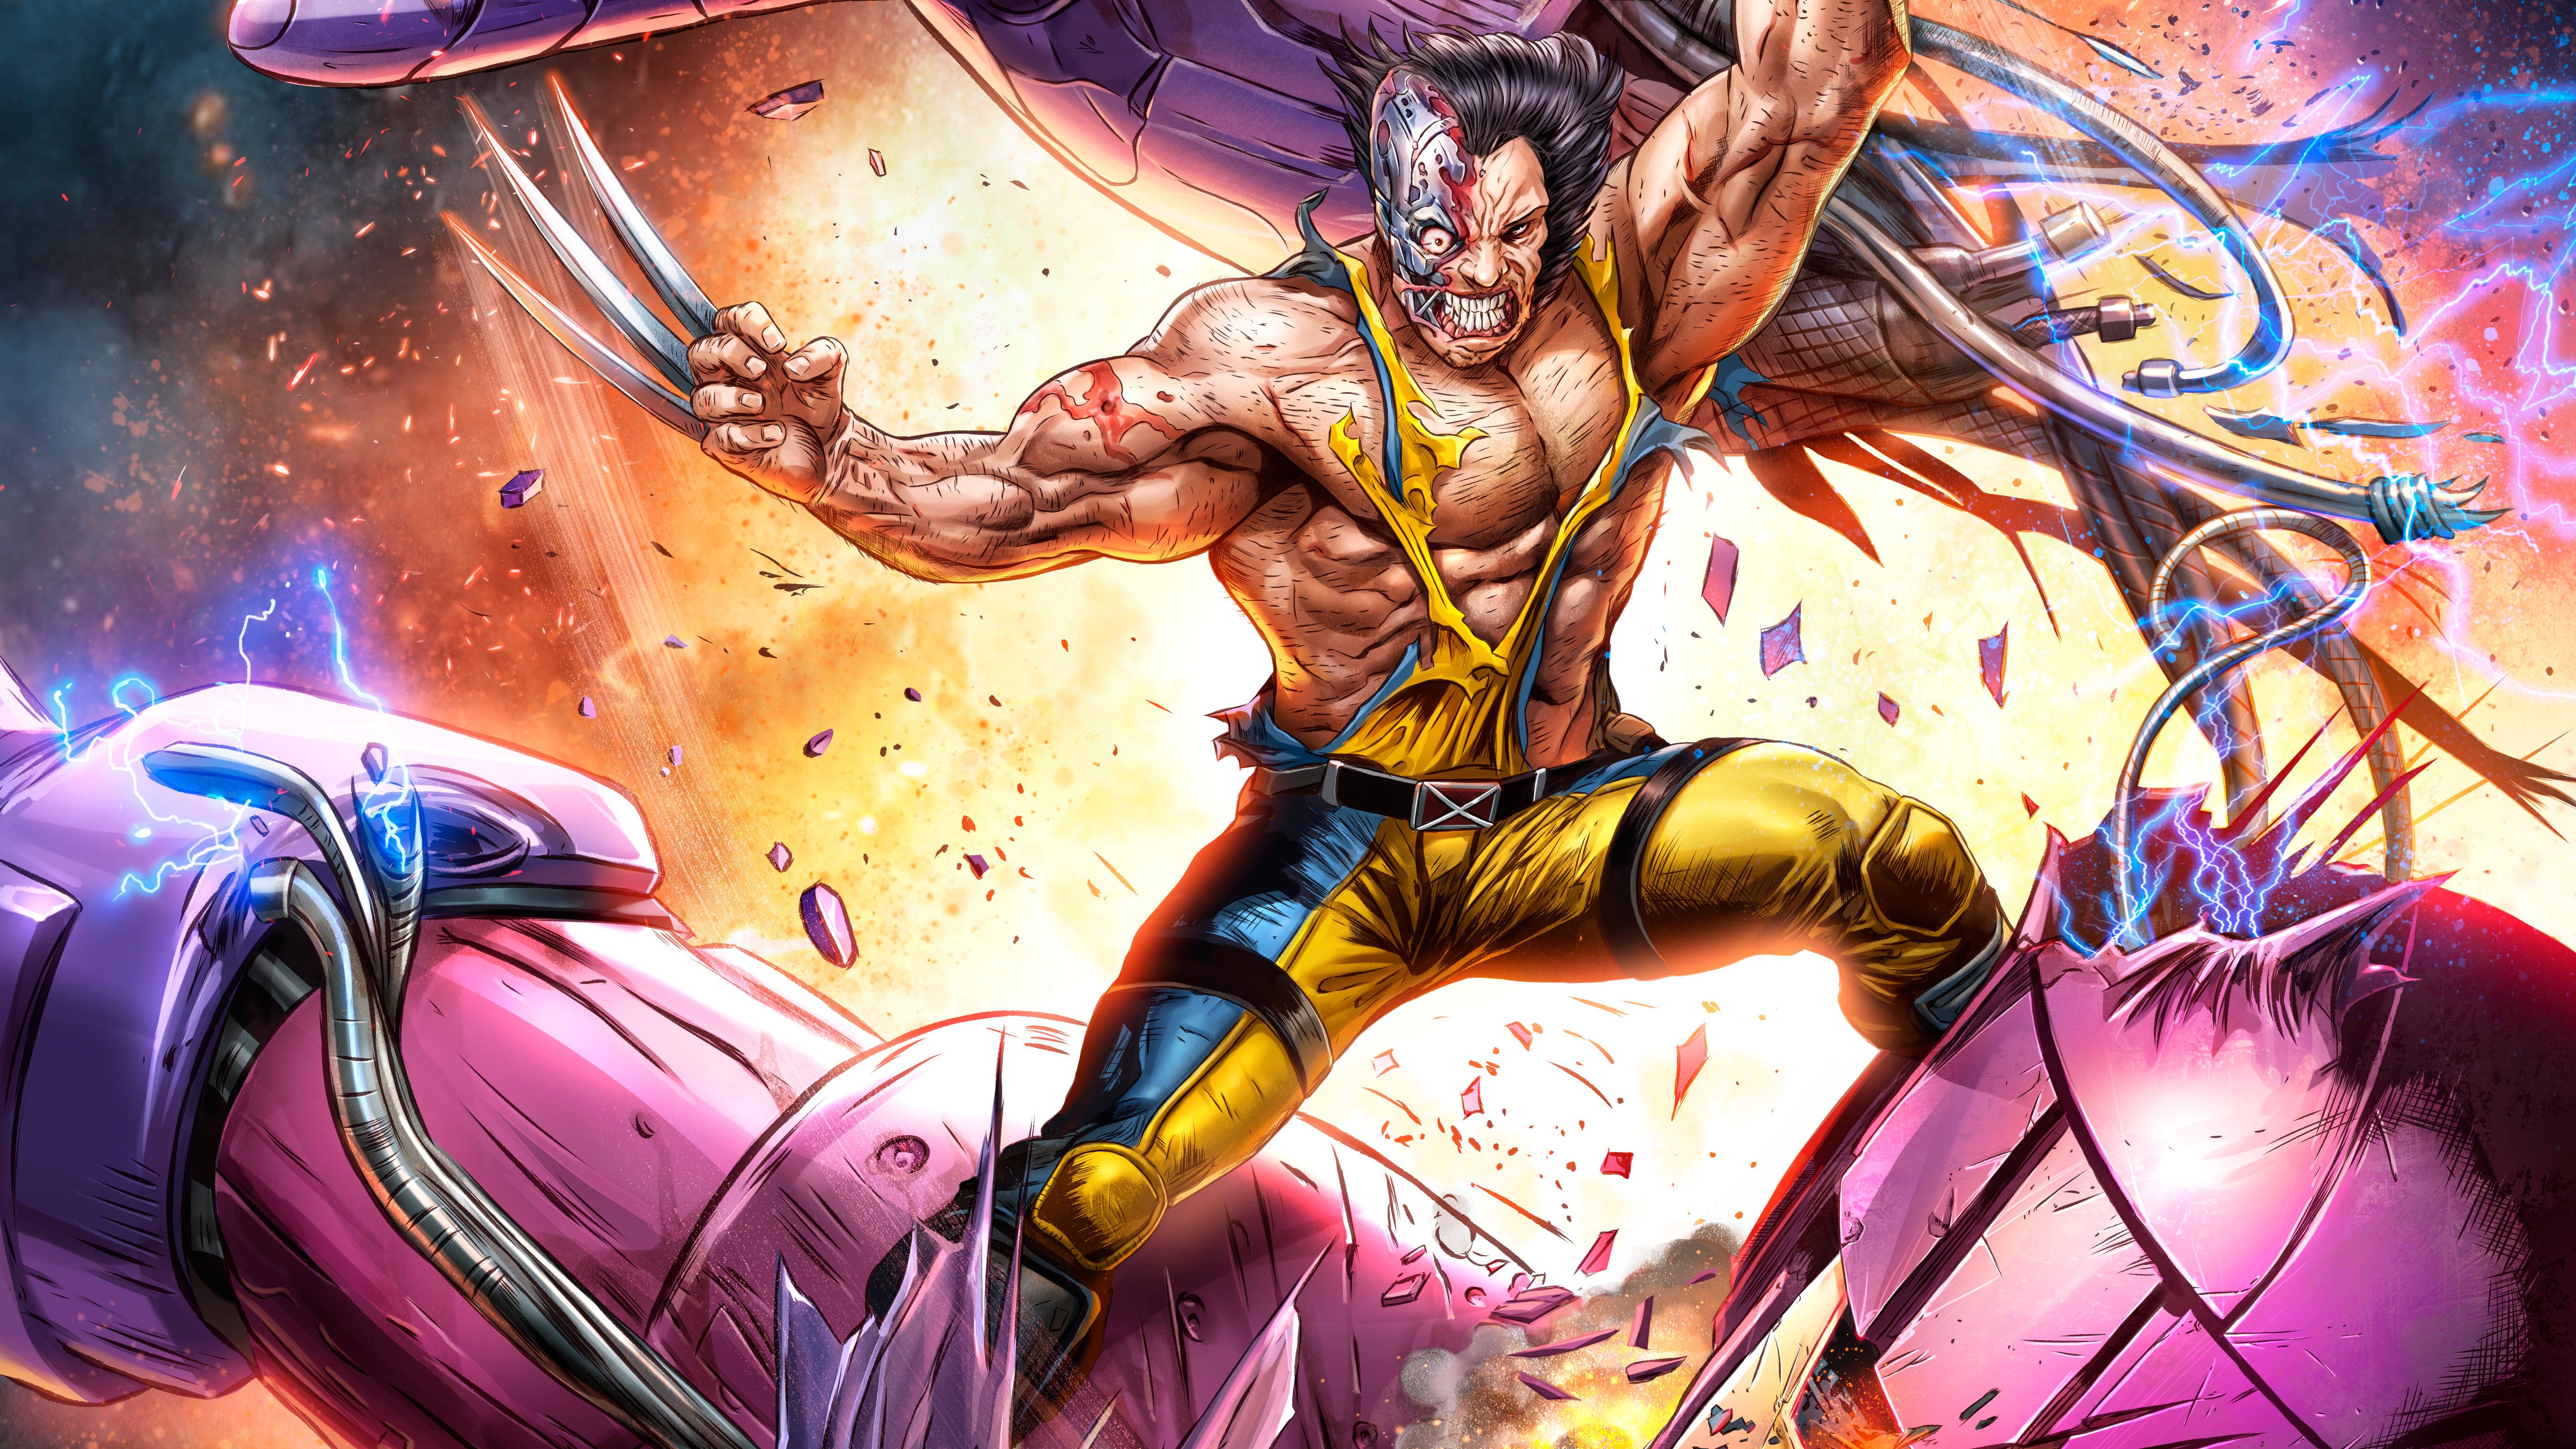 Wolverine Vs Sentinel Artwork 5k, HD Superheroes, 4k ...